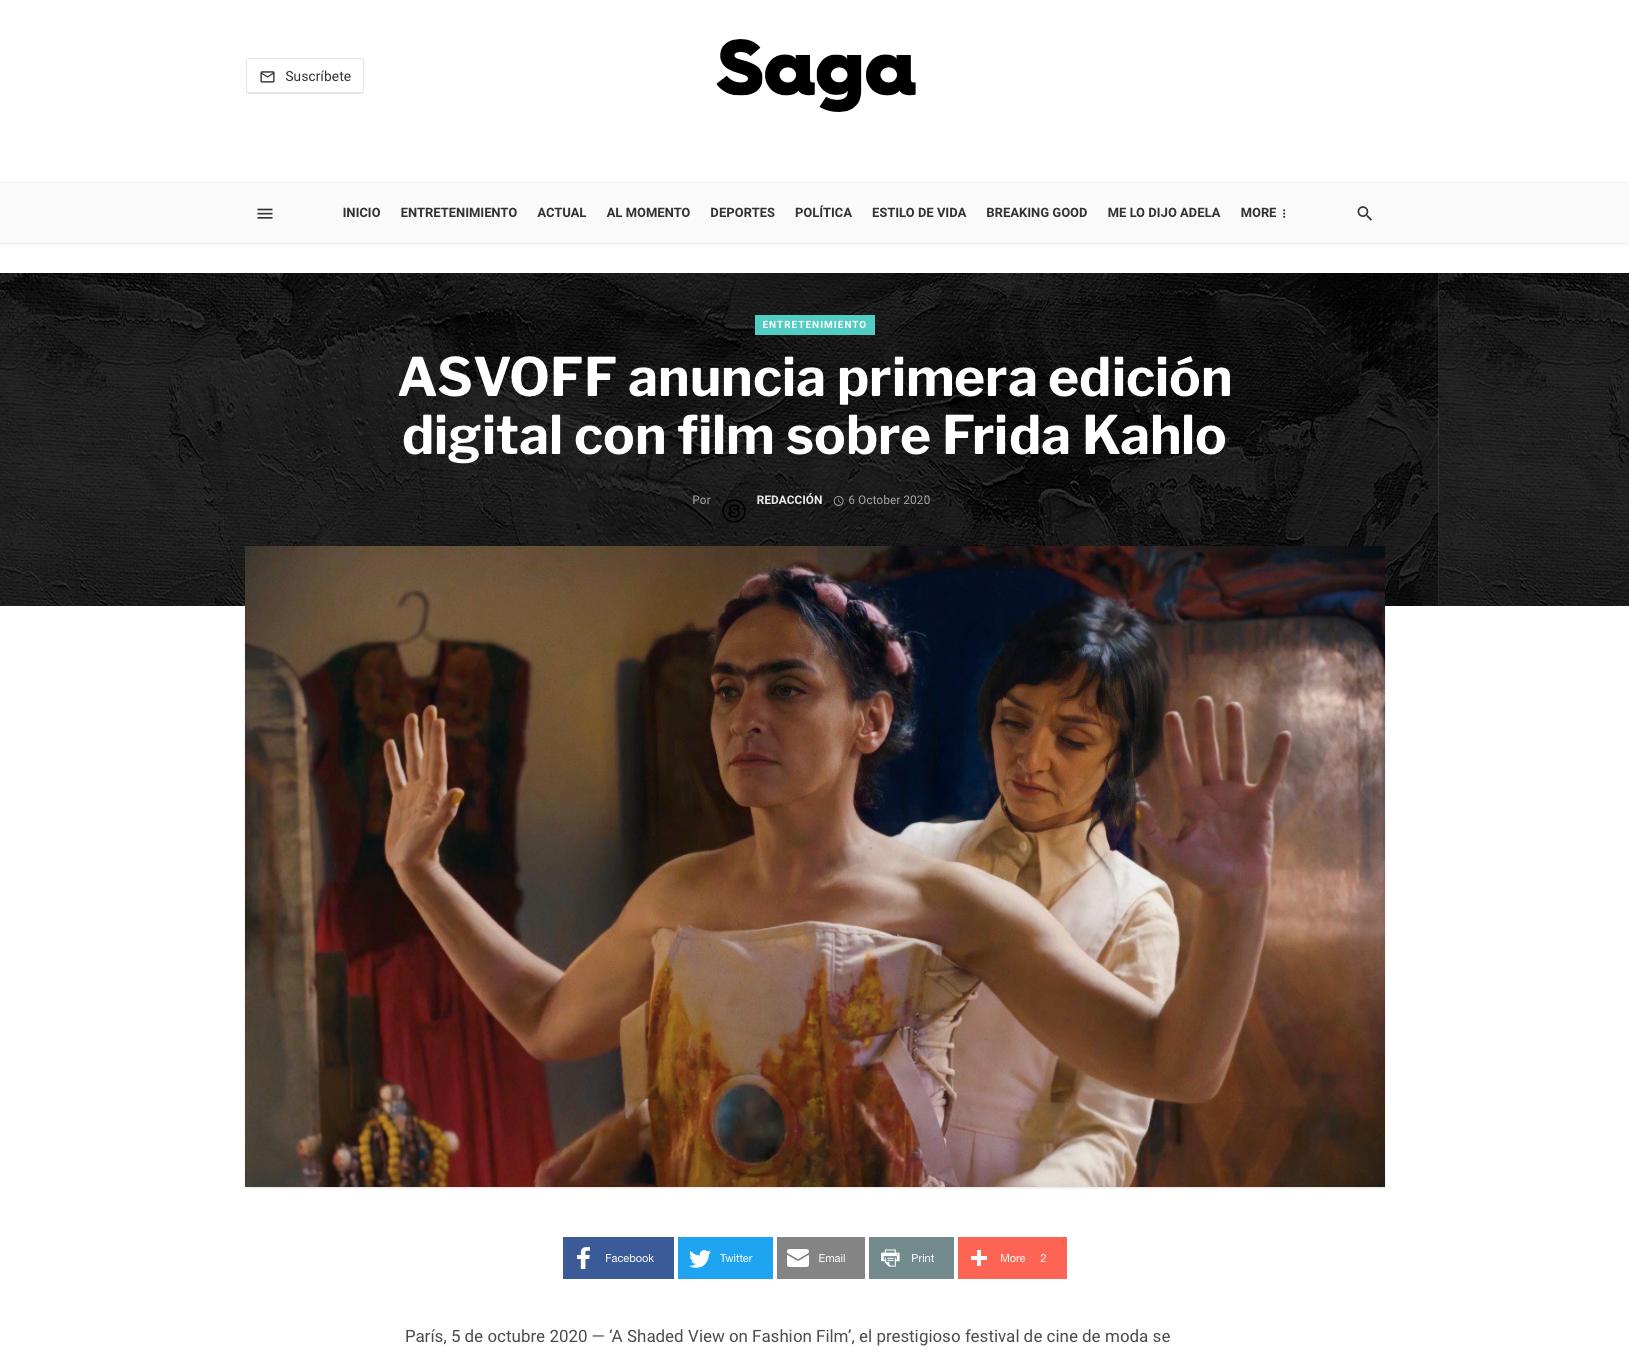 ASVOFF 12 - Saga (Mexico)